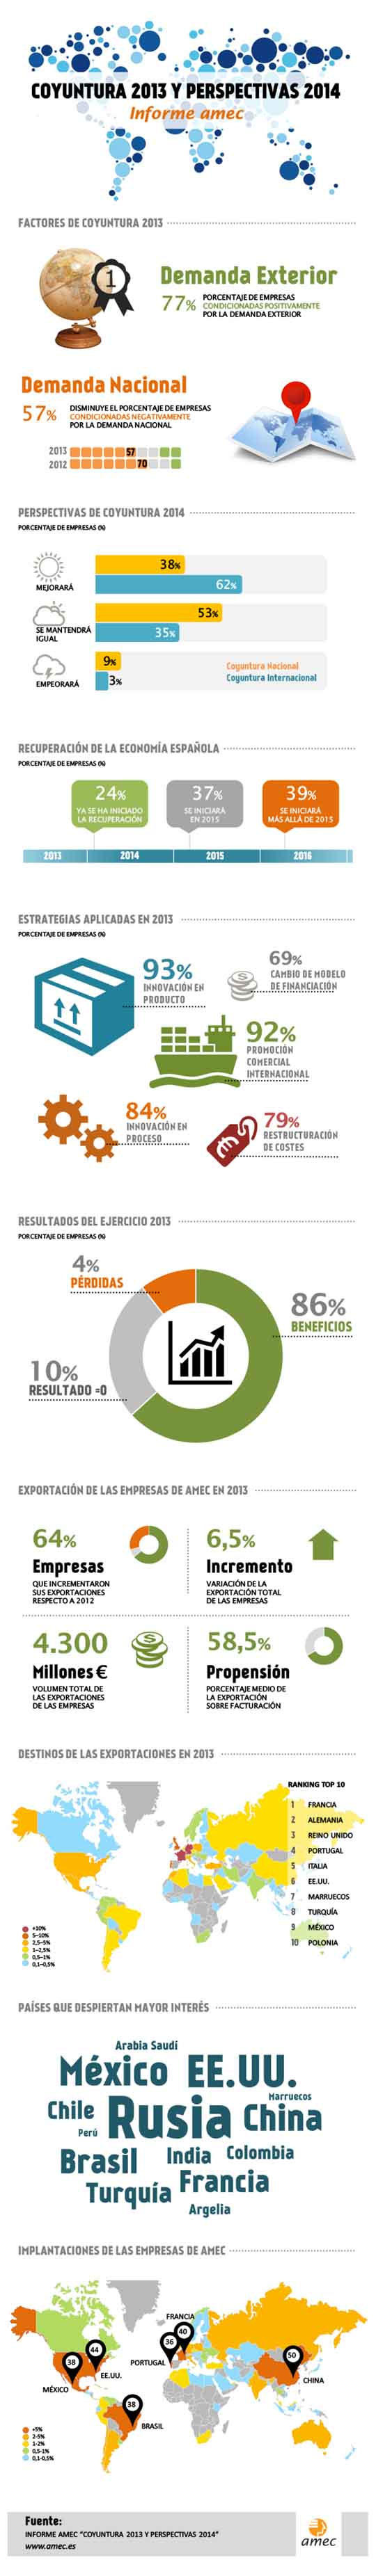 infografia-coyuntura-amec-2013